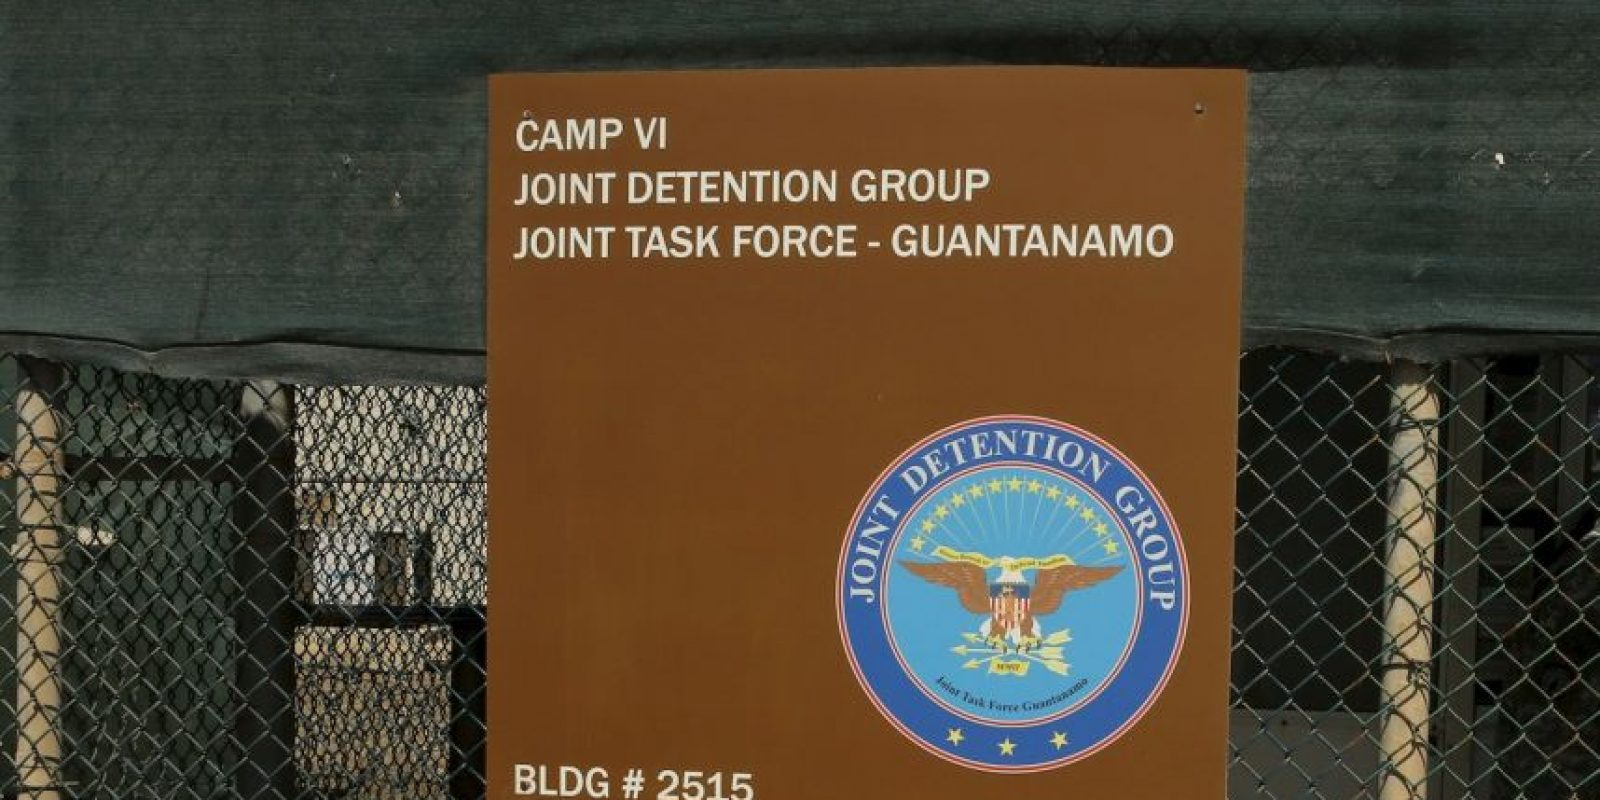 La prisión fue acondicionada dos días después de los atentados del 11 de septiembre de 2001. Foto:AP